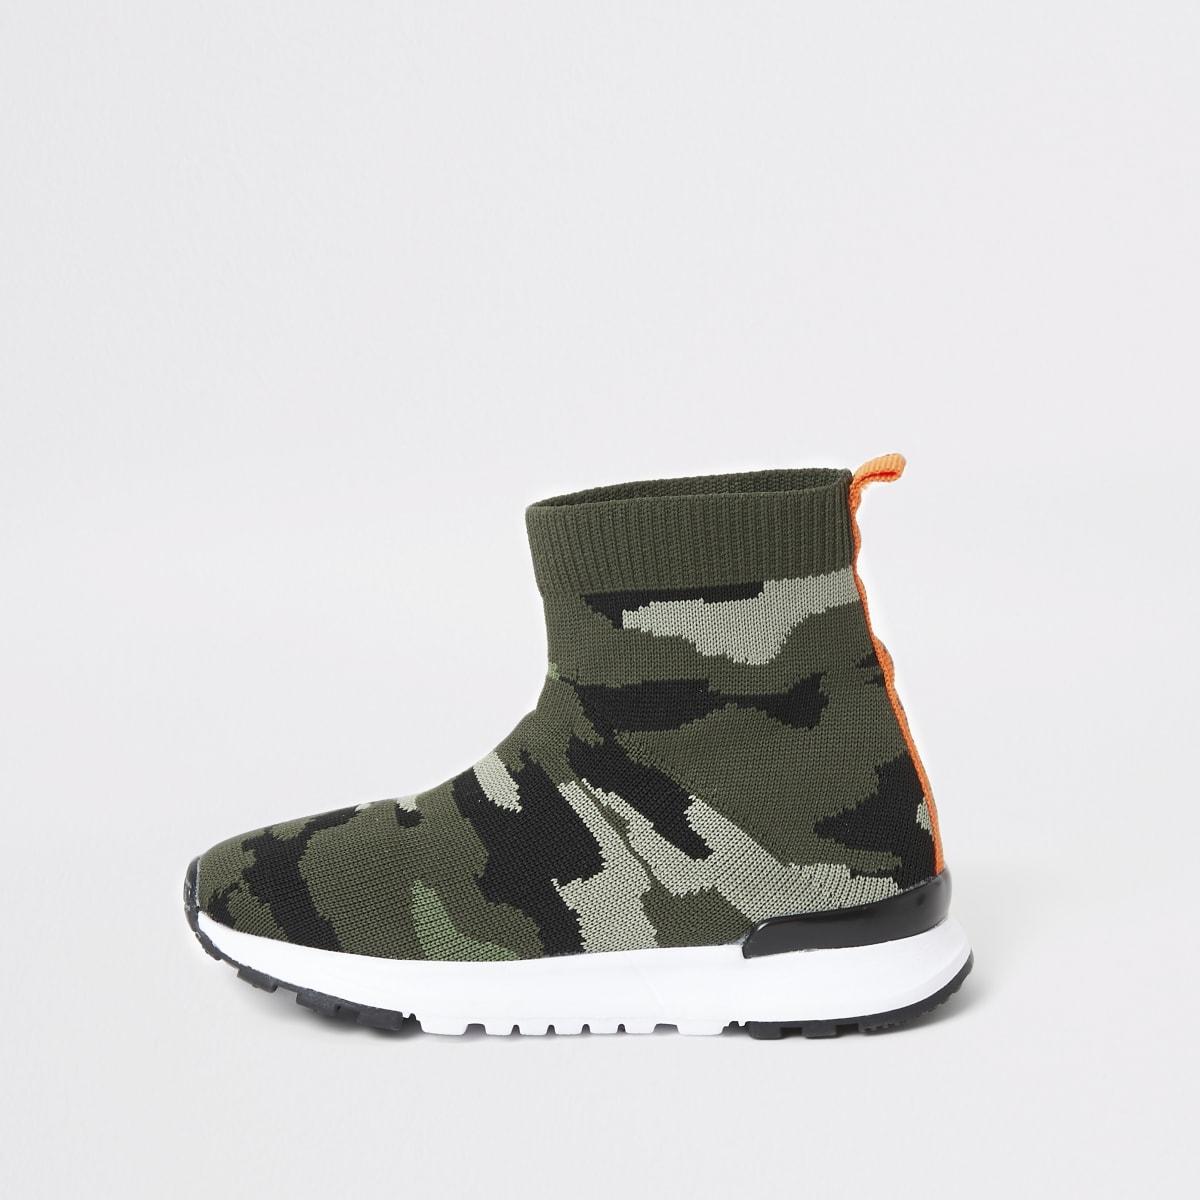 Mini – Sock-Sneaker in Khaki mit Camouflage-Muster und hohem Schaft für Jungen